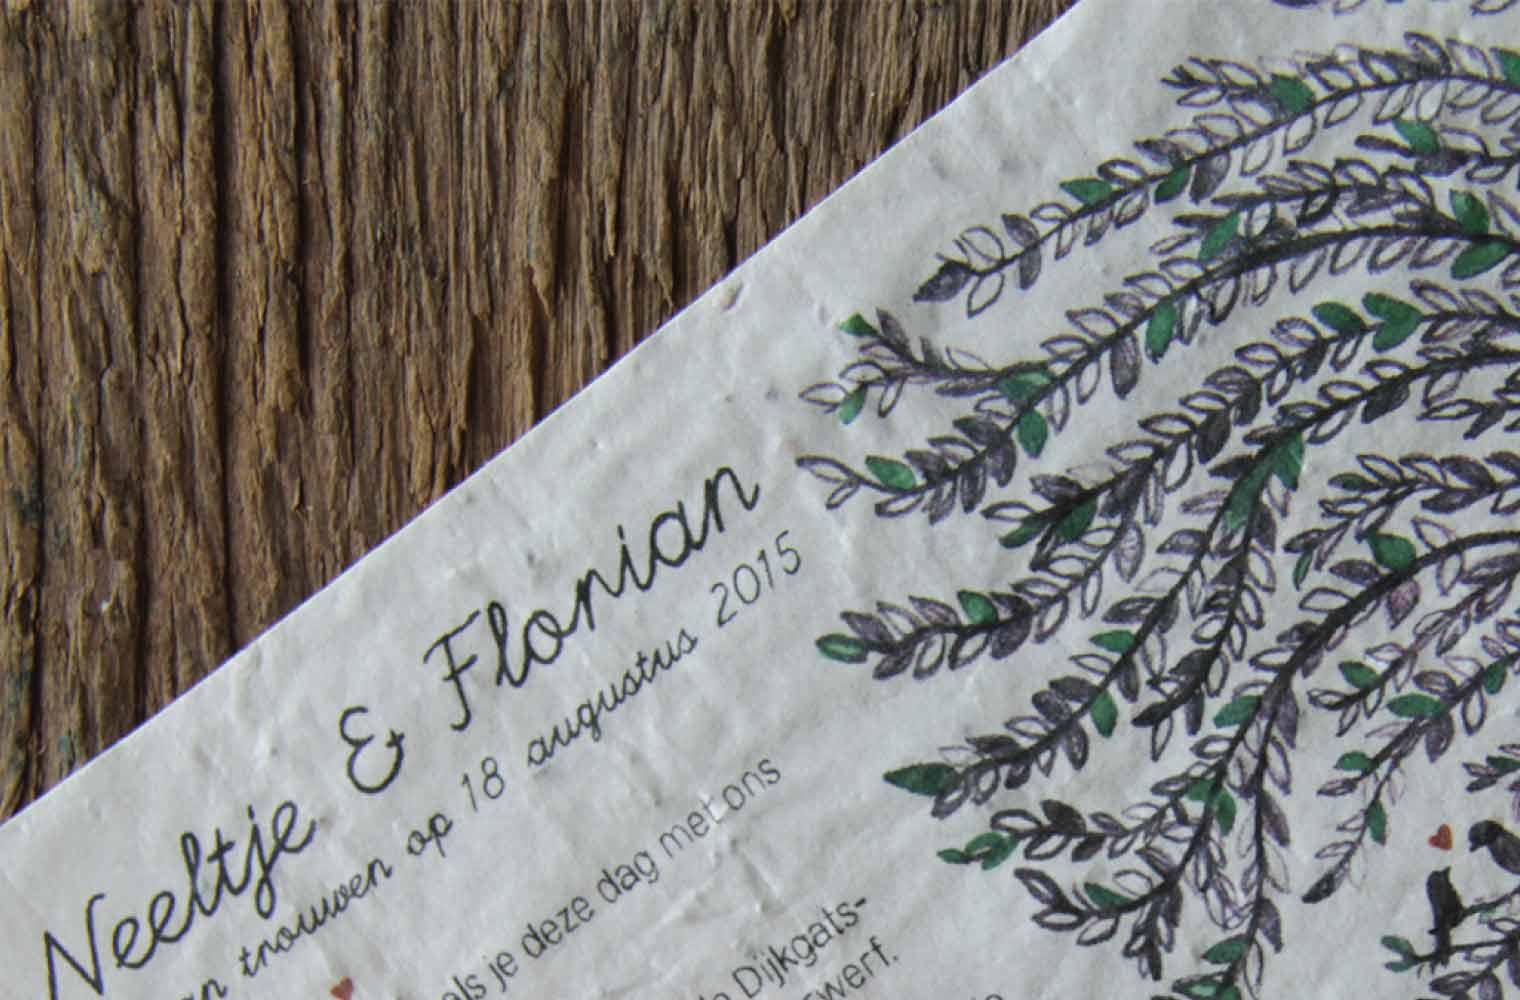 Trouwkaart Neeltje & Florian - detail